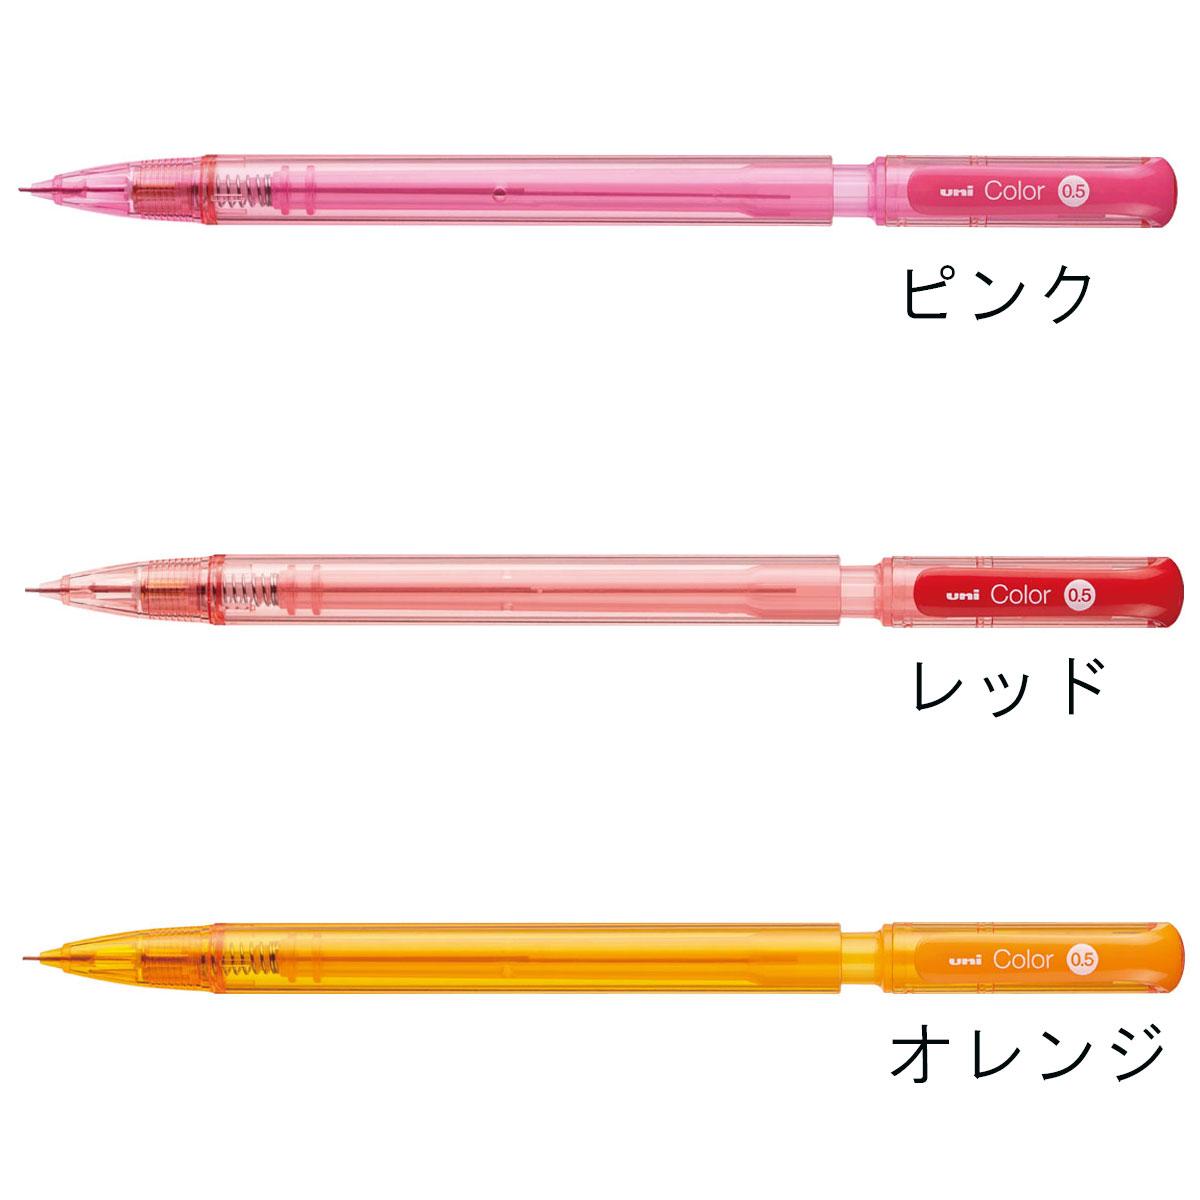 三菱鉛筆 ユニカラー シャープペン M5-102C